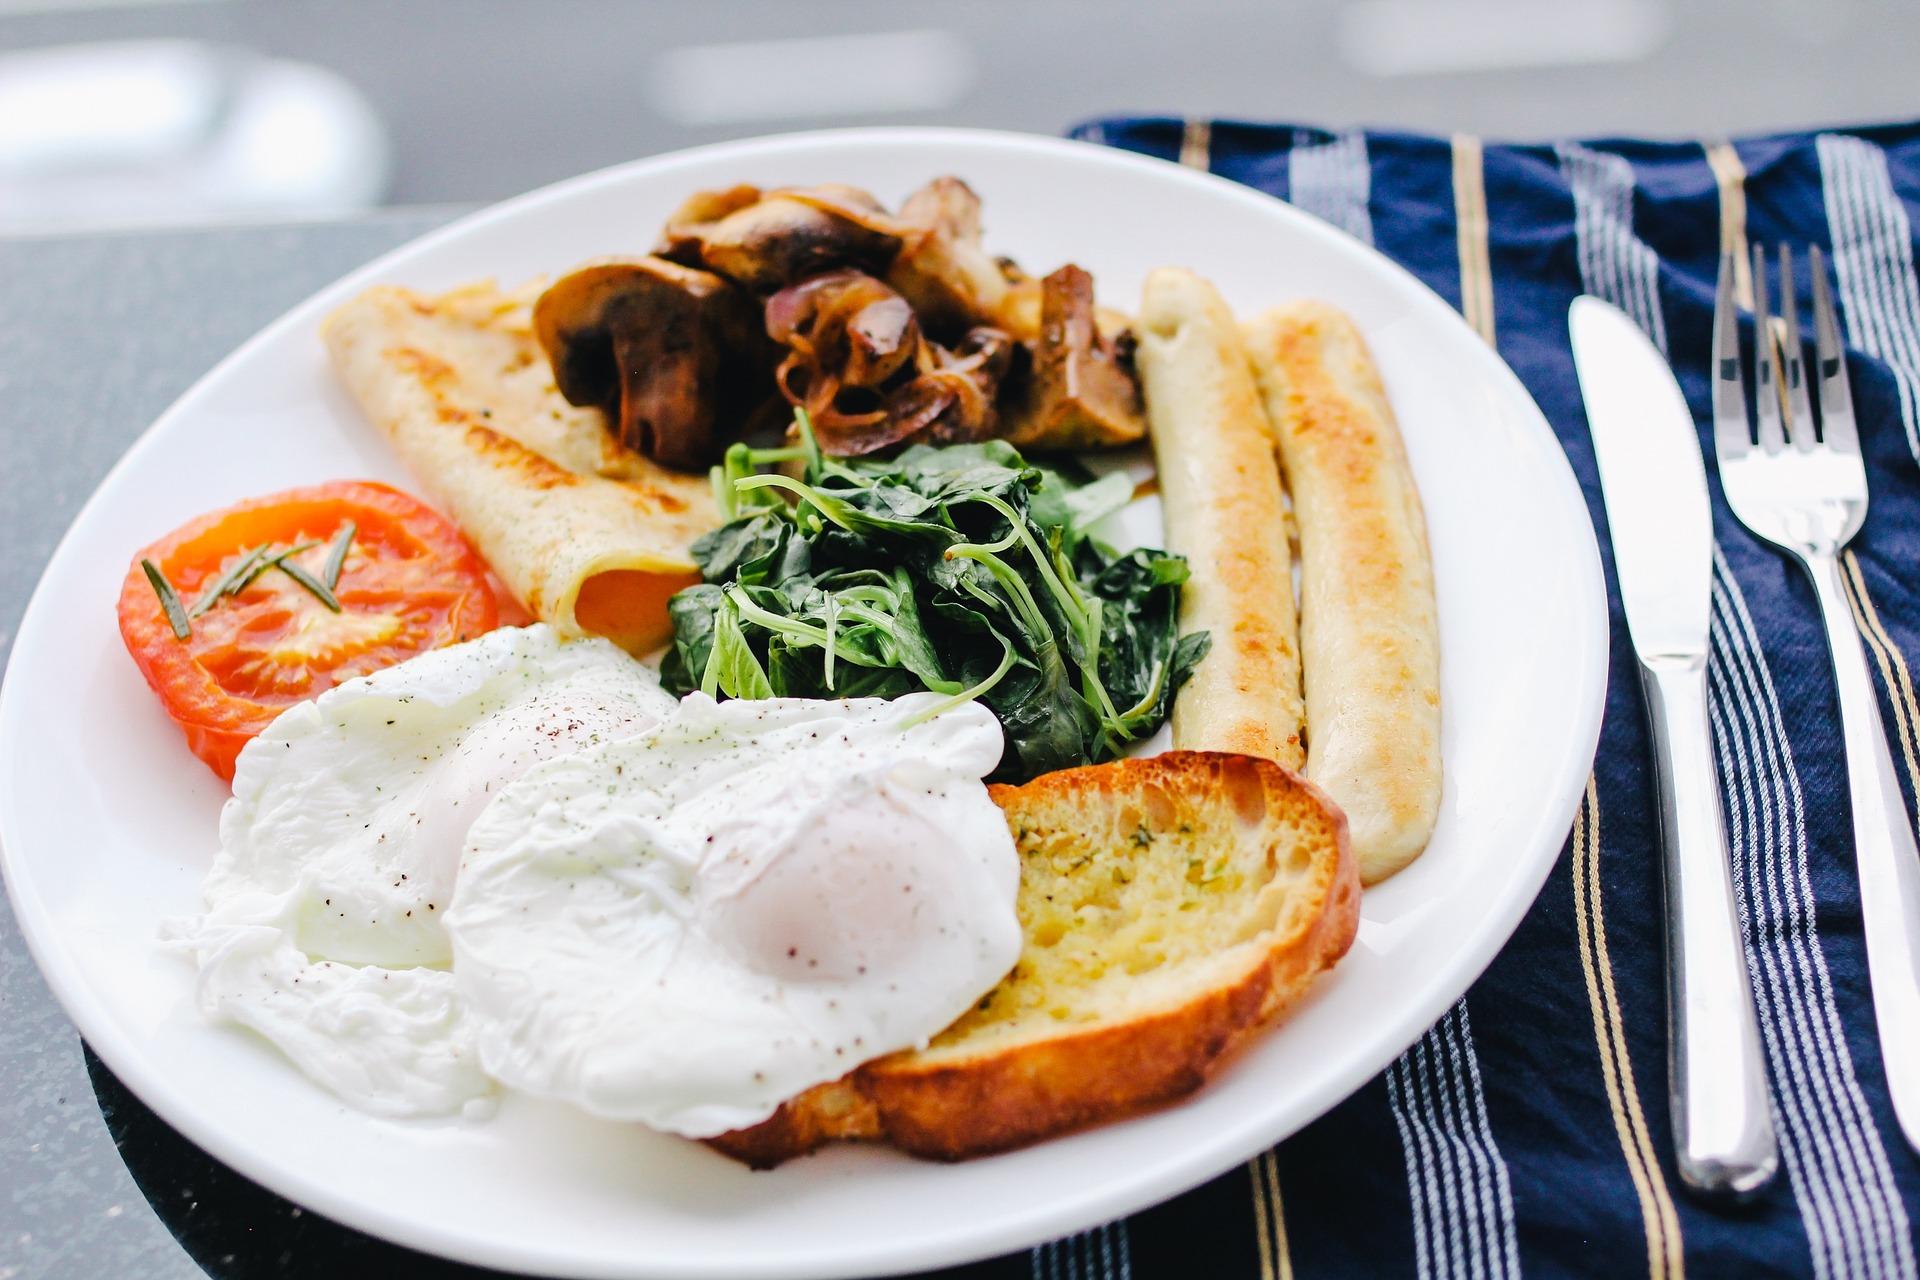 La colazione all'inglese aiuta il metabolismo